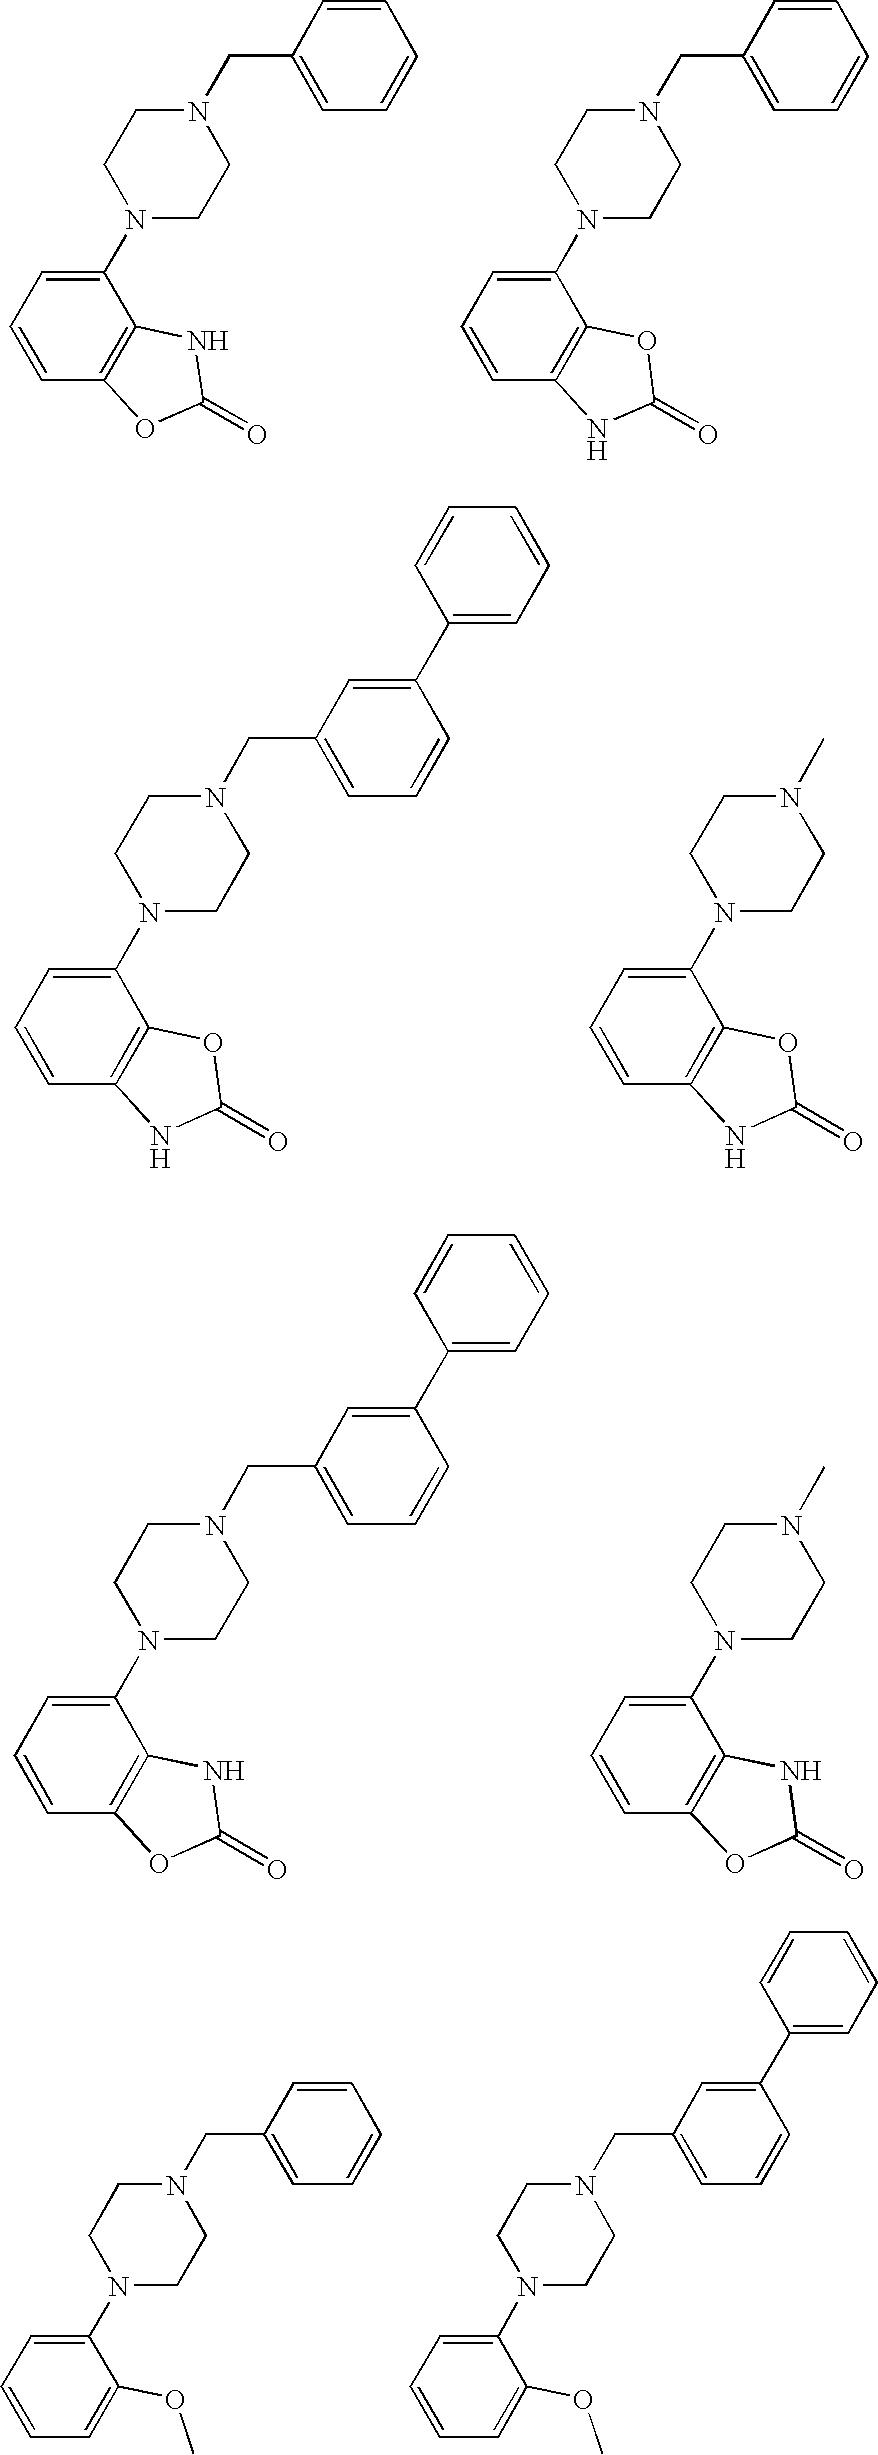 Figure US20100009983A1-20100114-C00160